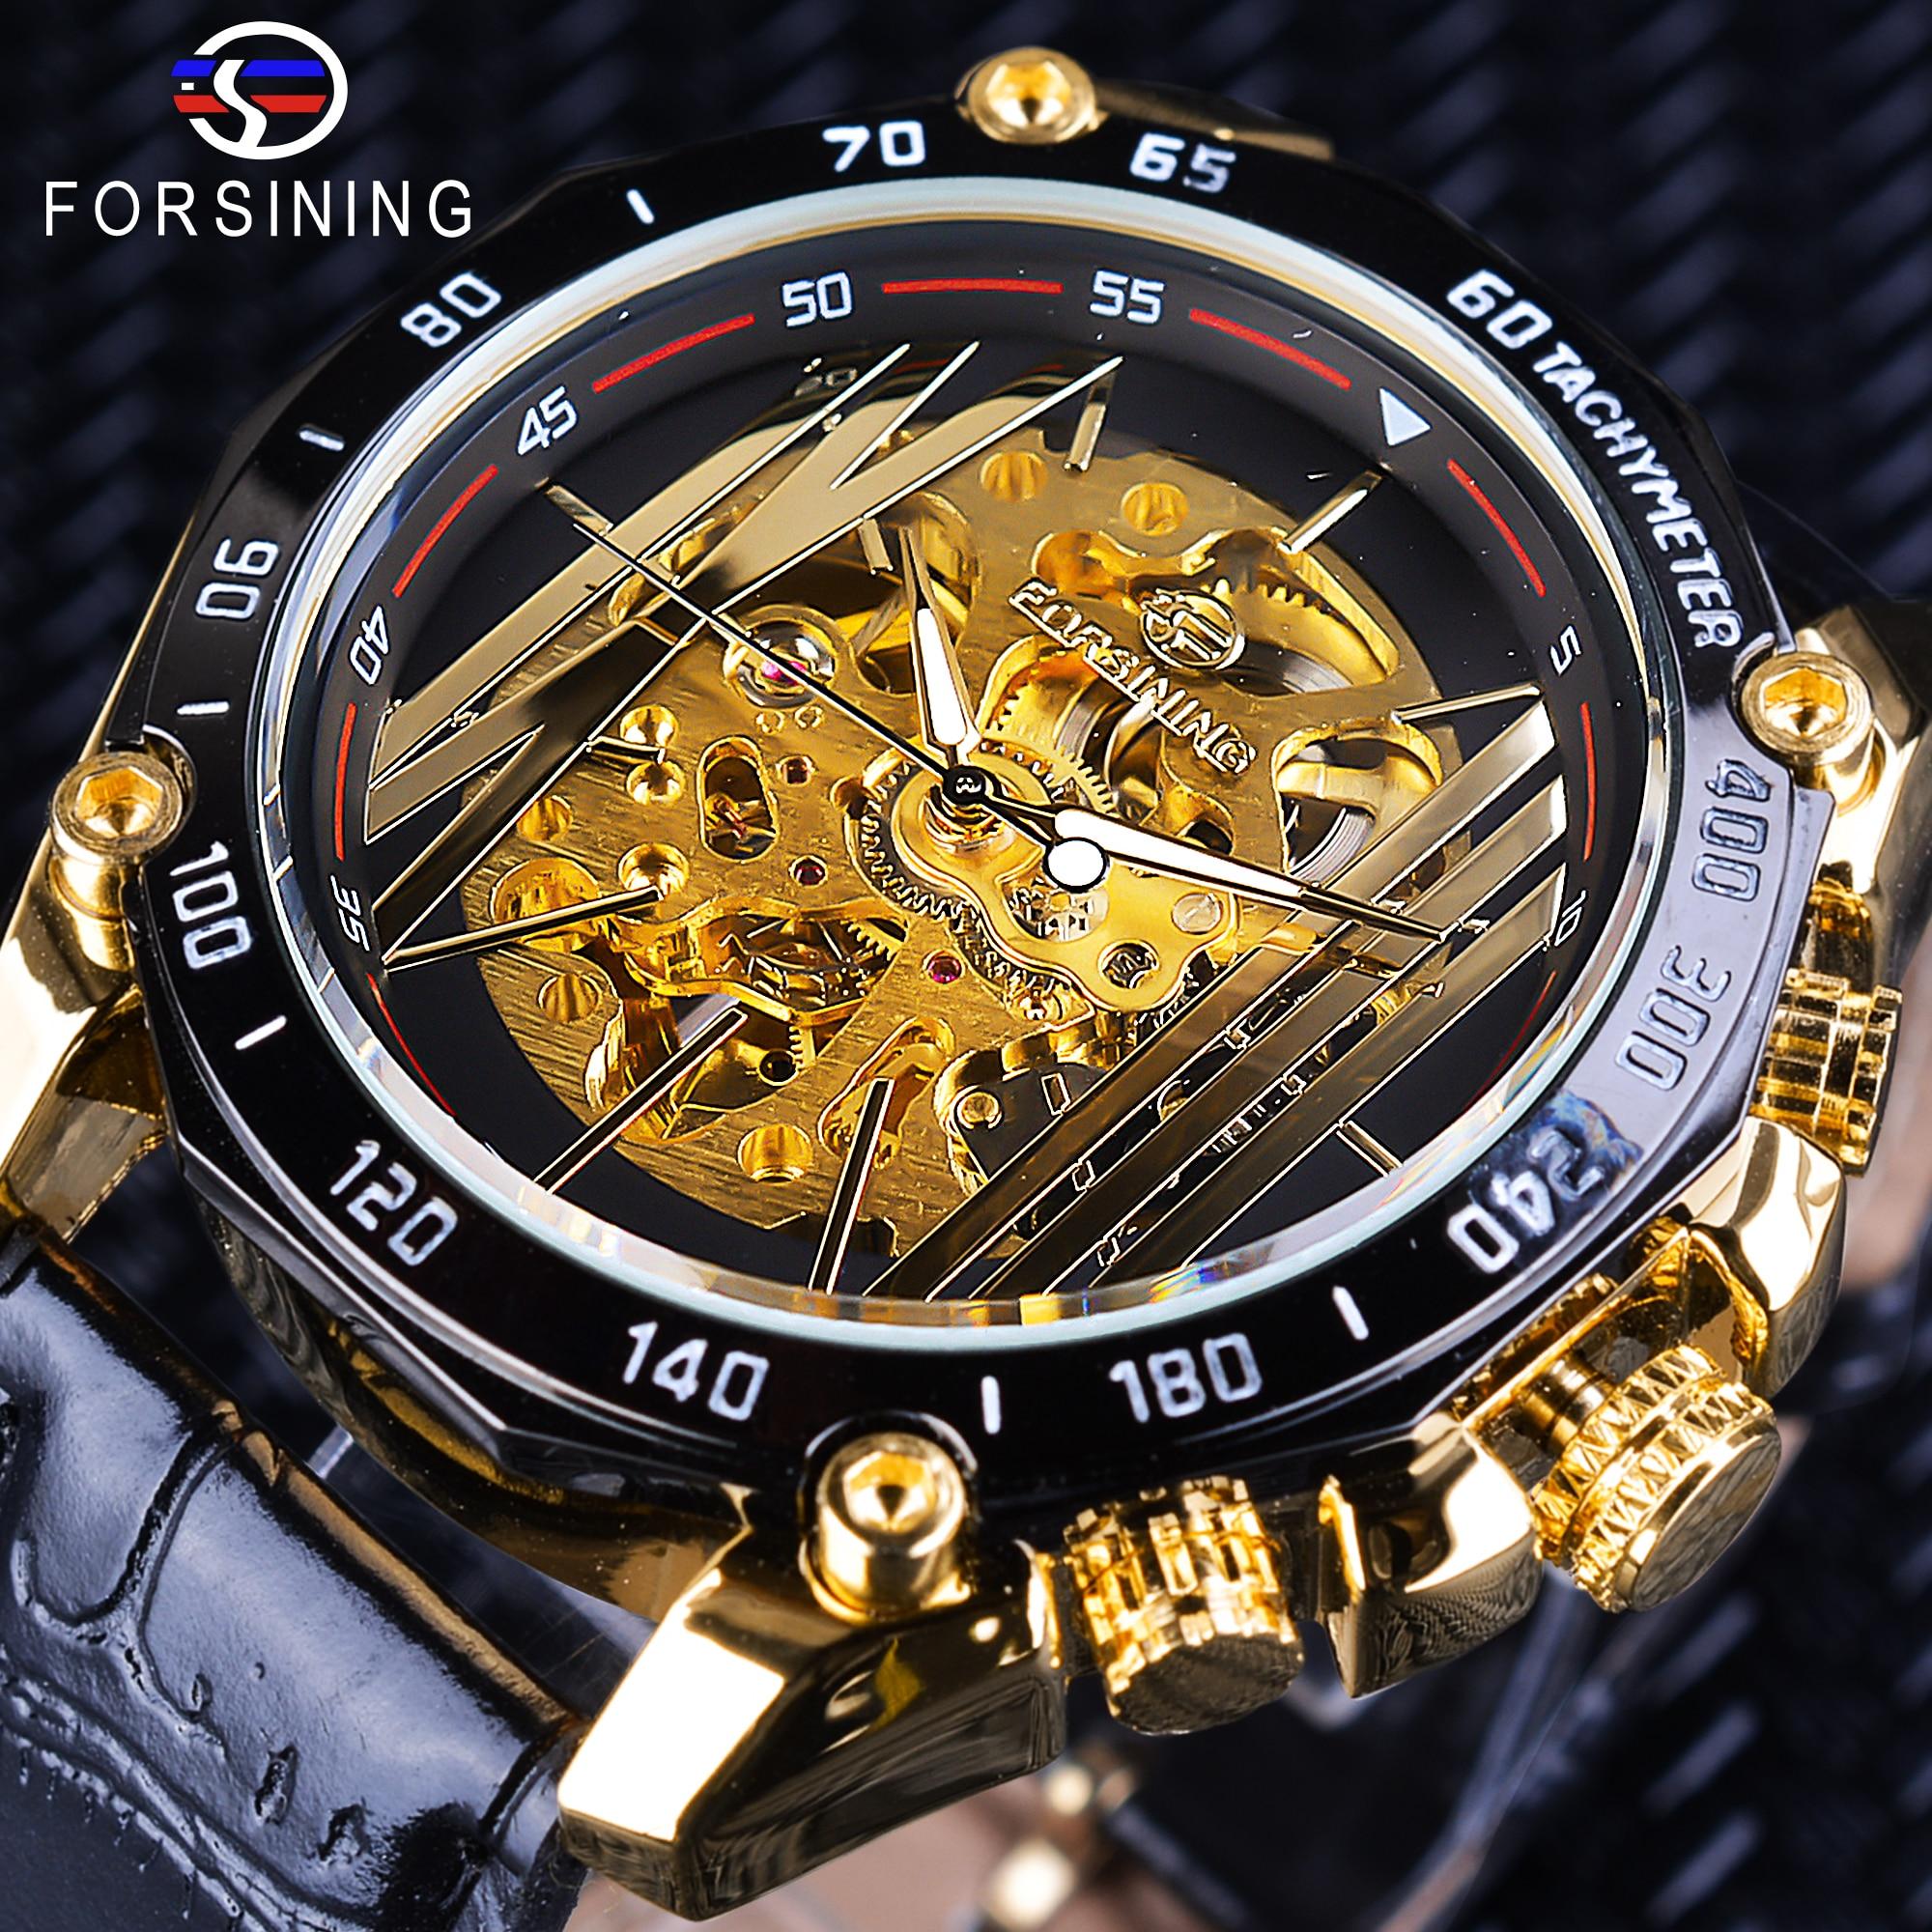 Forsining Große Zifferblatt Steampunk Design Luxus Goldene Getriebe Bewegung Männer Kreative Durchbrochene Uhren Automatische Mechanische Handgelenk Uhren